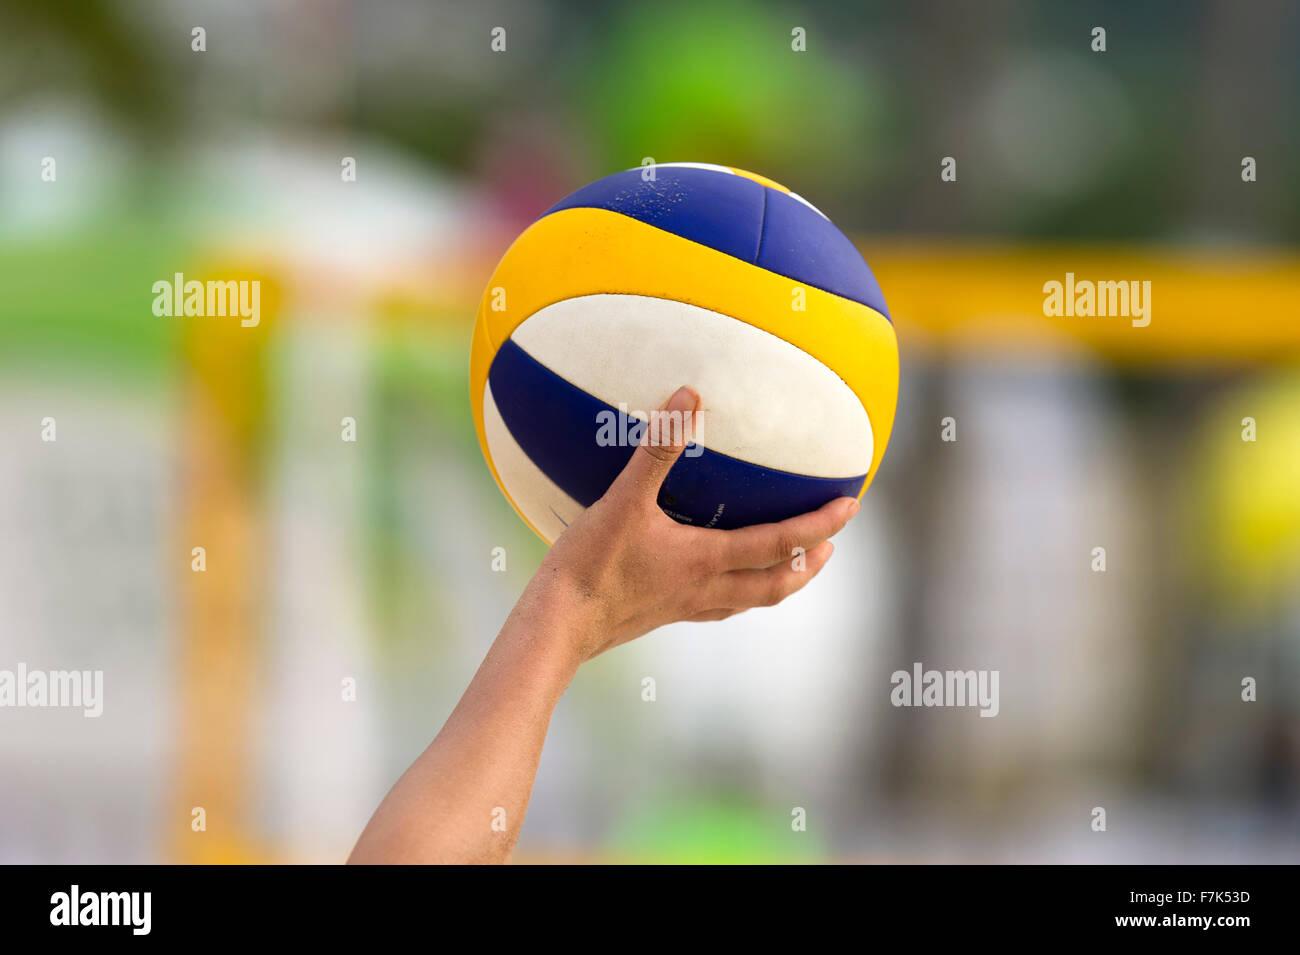 Es una de Voleibol Voleibol detenidos por un jugador del voleibol listo para ser servido. Imagen De Stock